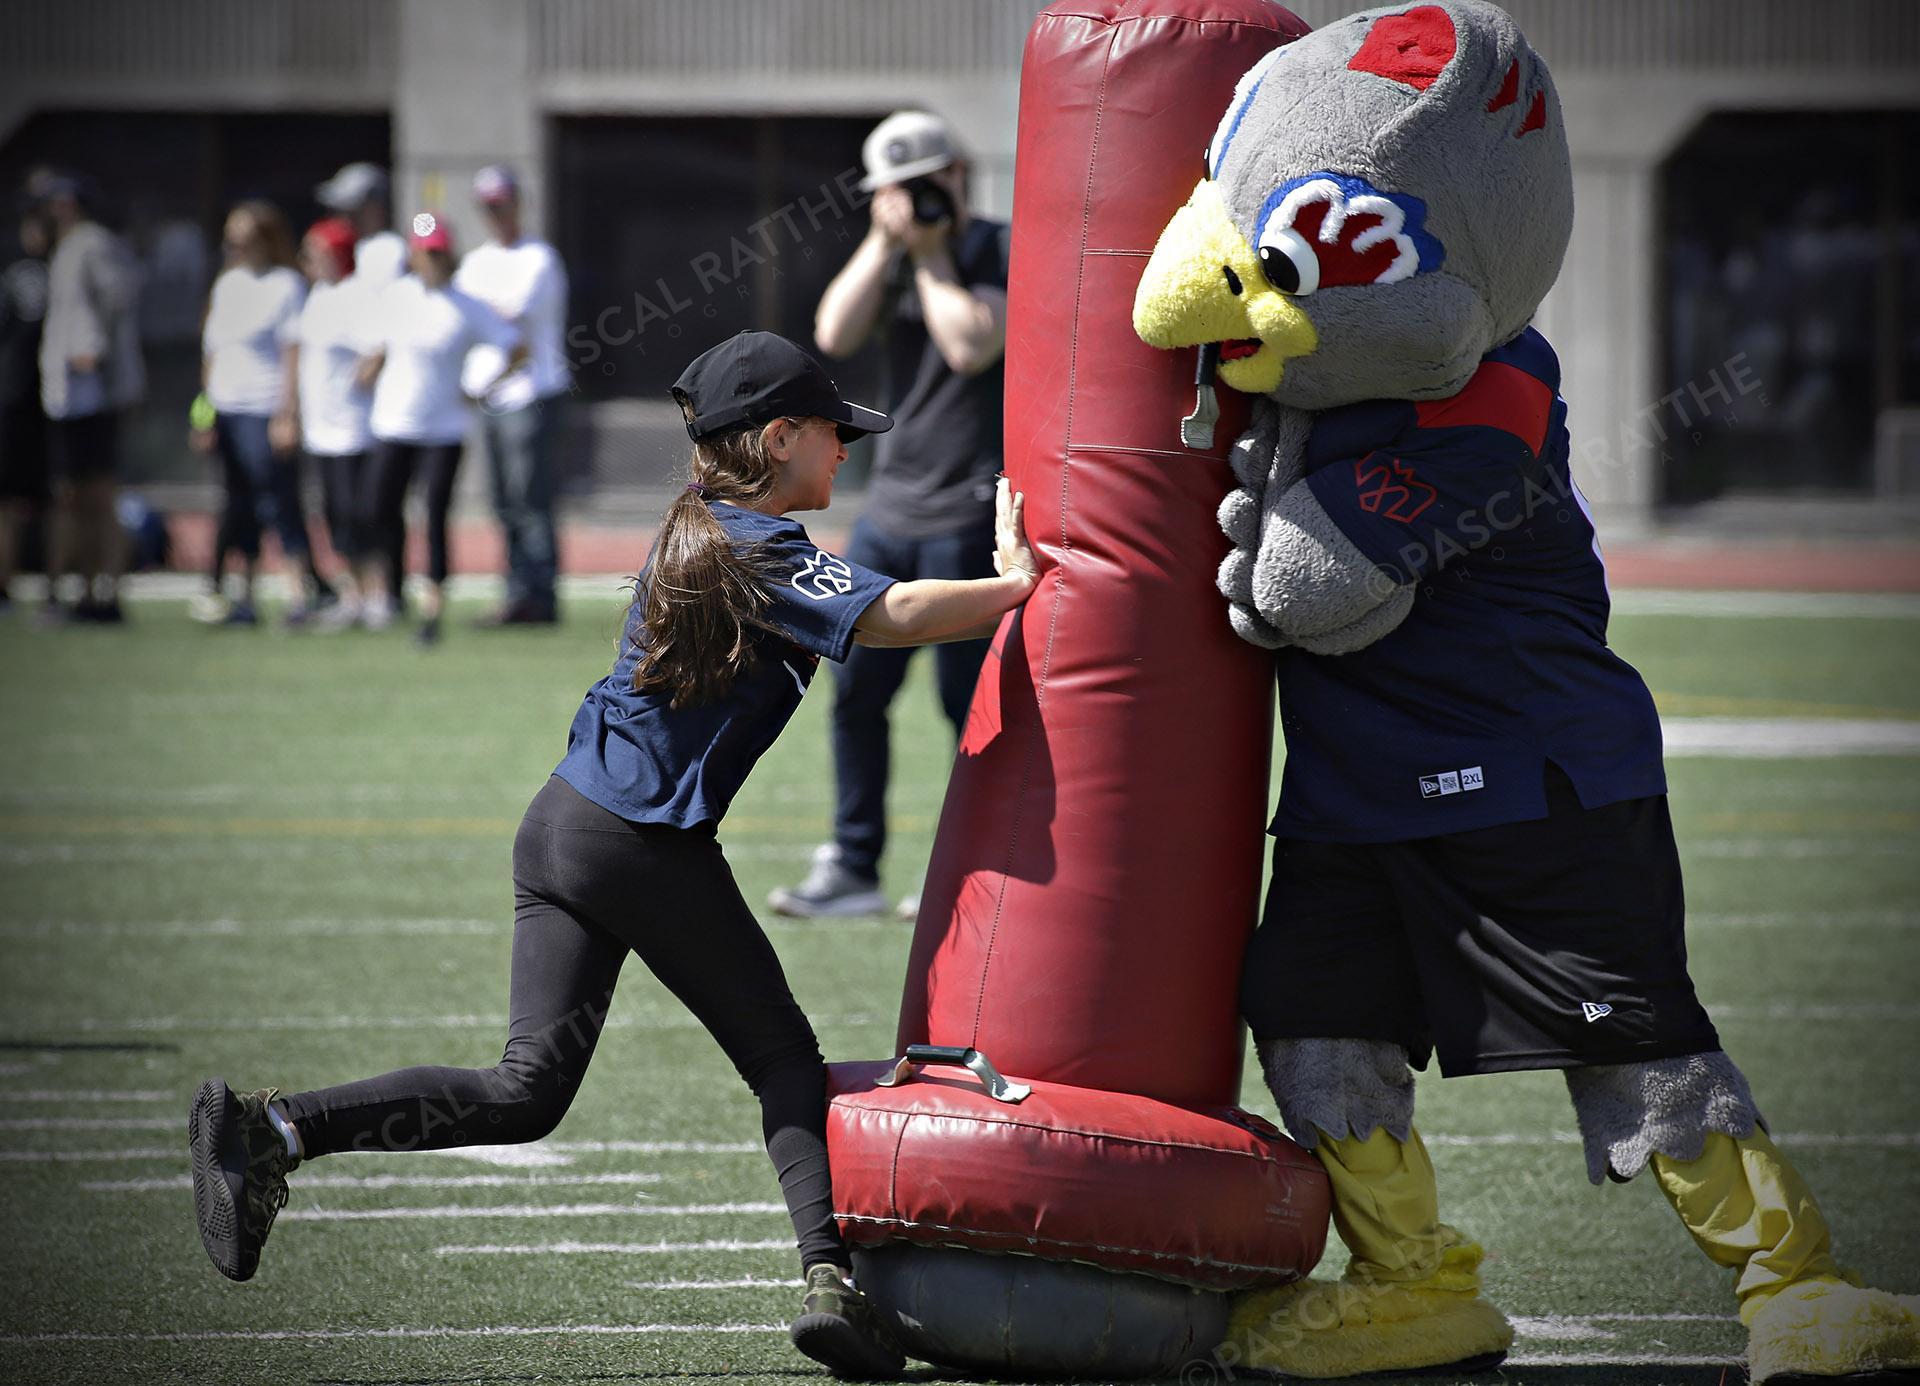 Cliniques Football des Alouettes de Montréal une jeune enfant plaque un gros sac rouge